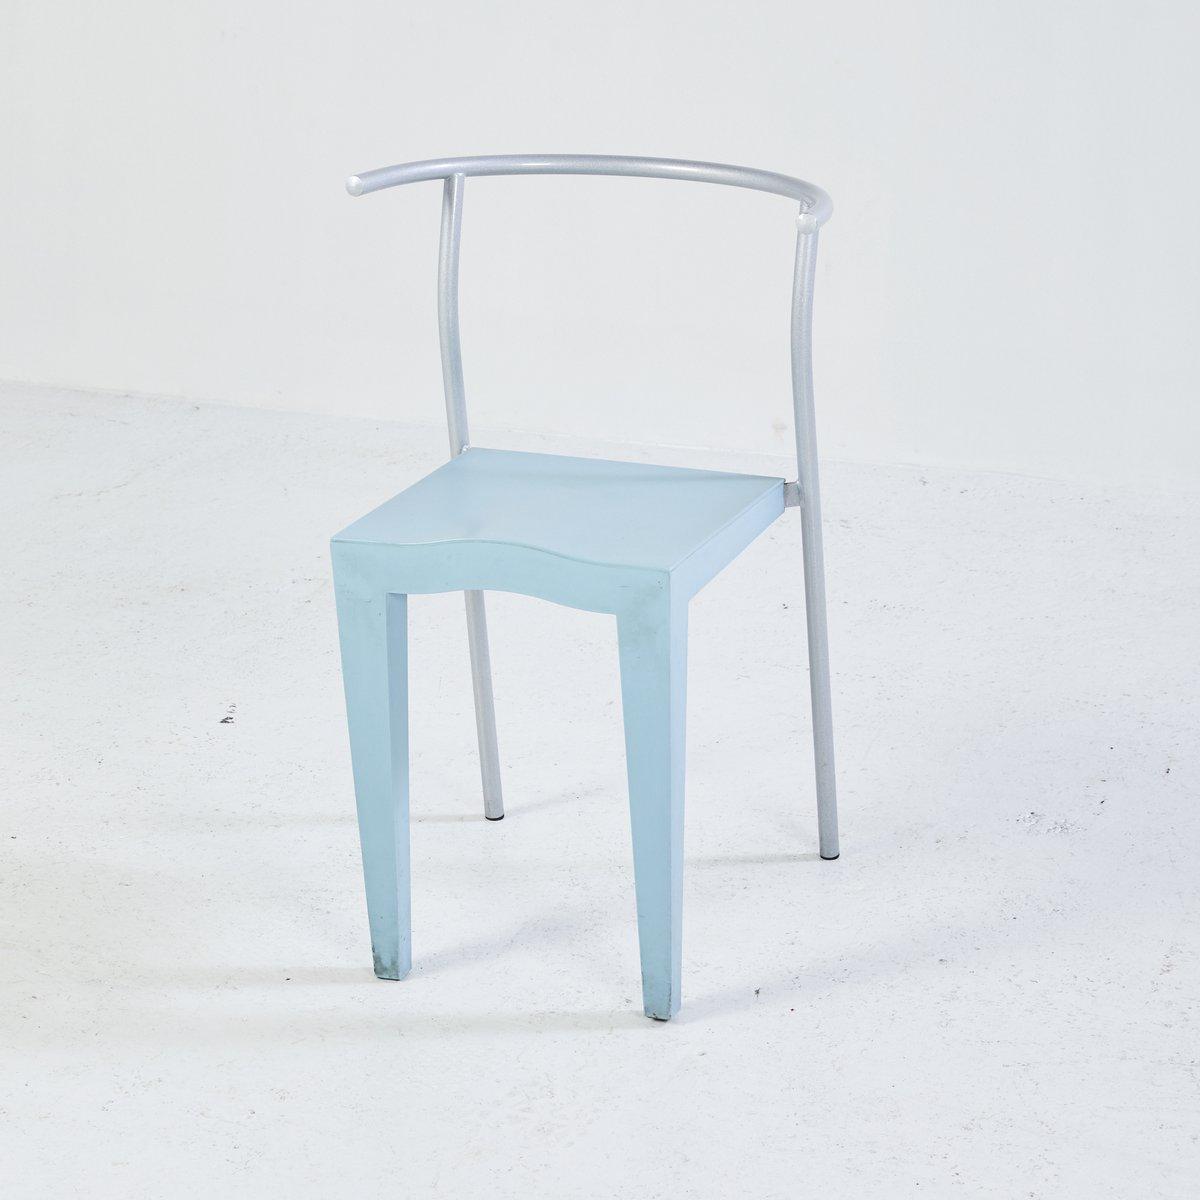 chaise dr glob vintage par philippe starck pour kartell en vente sur pamono. Black Bedroom Furniture Sets. Home Design Ideas